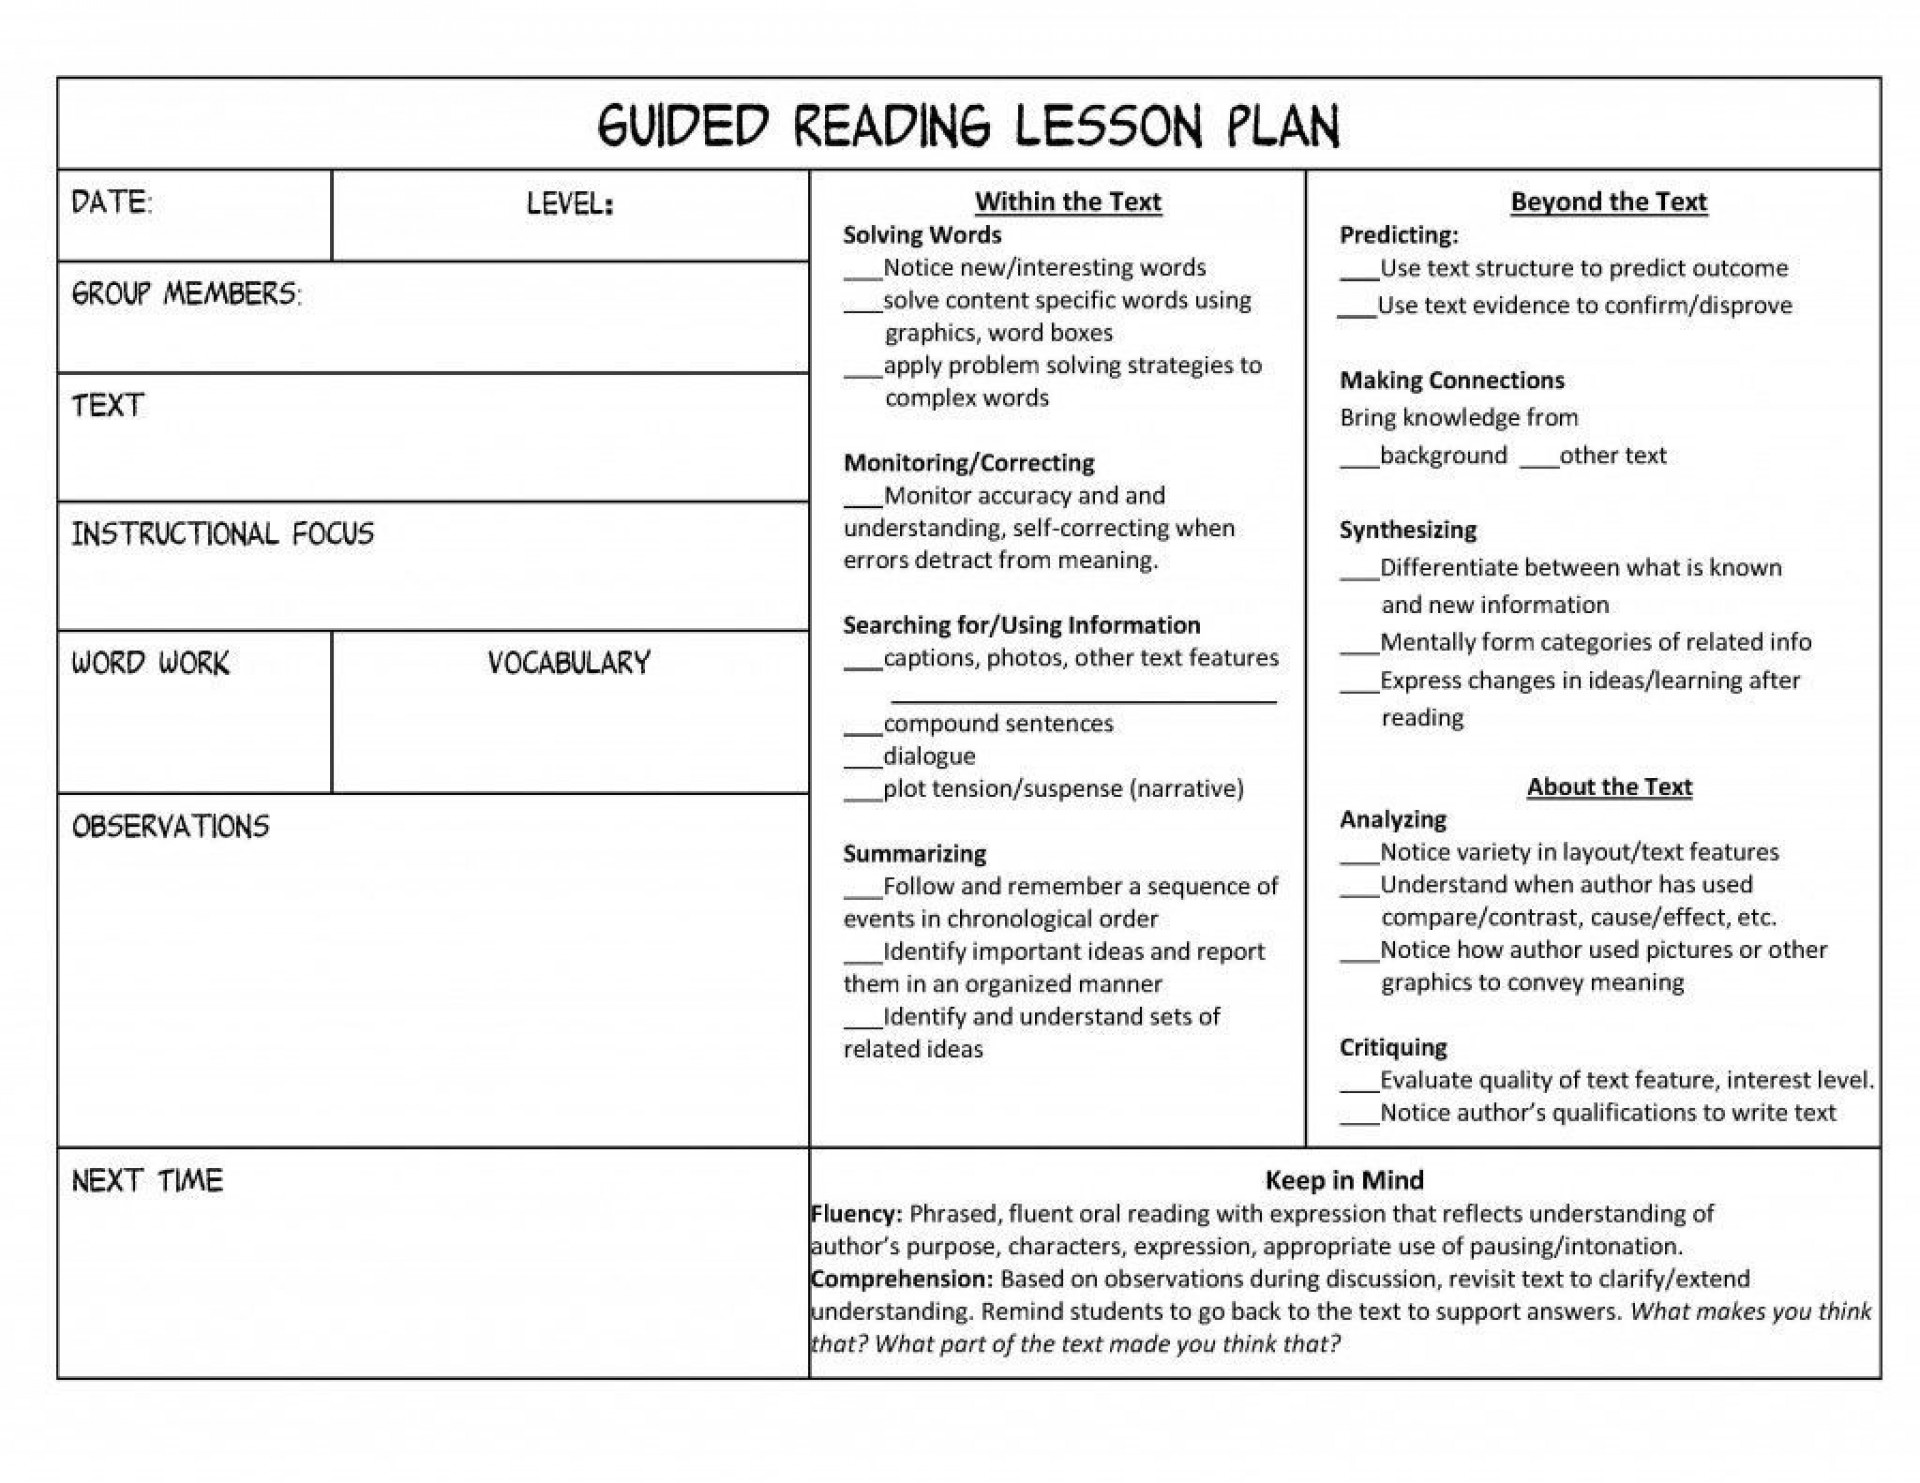 002 Breathtaking Mini Unit Lesson Plan Template Design 1920